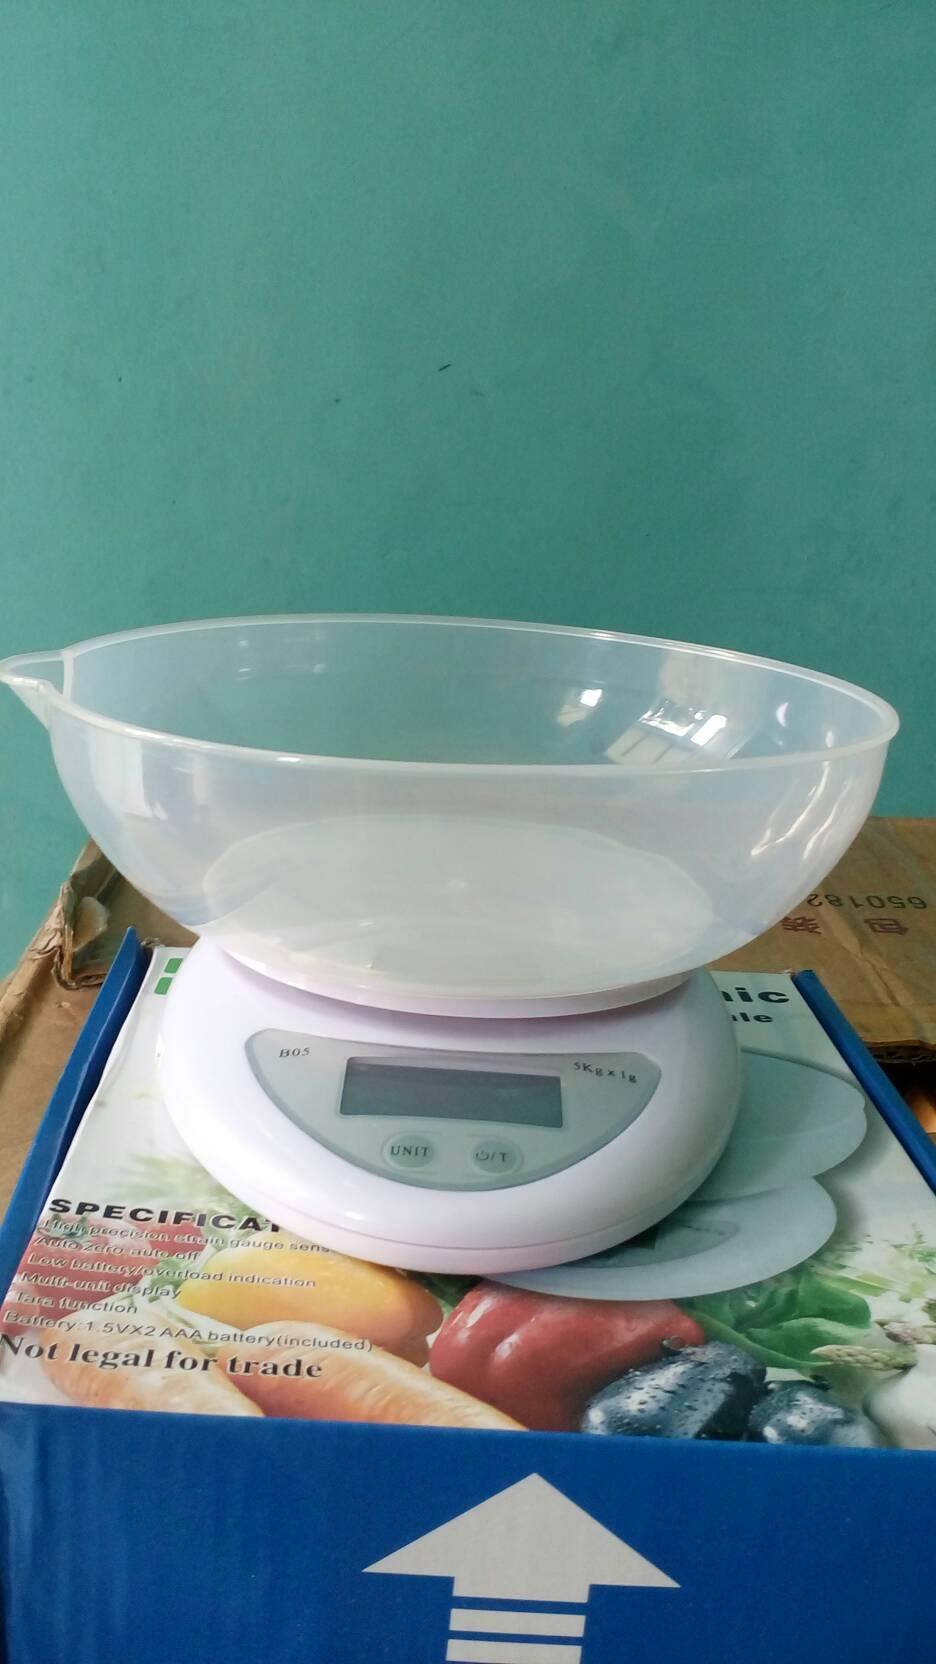 Jual Timbangan Dapur Digital Murah Bagus Kecil Kitchen Scale Sf 400 Atau Kue Kapasitas 10 Kg A226